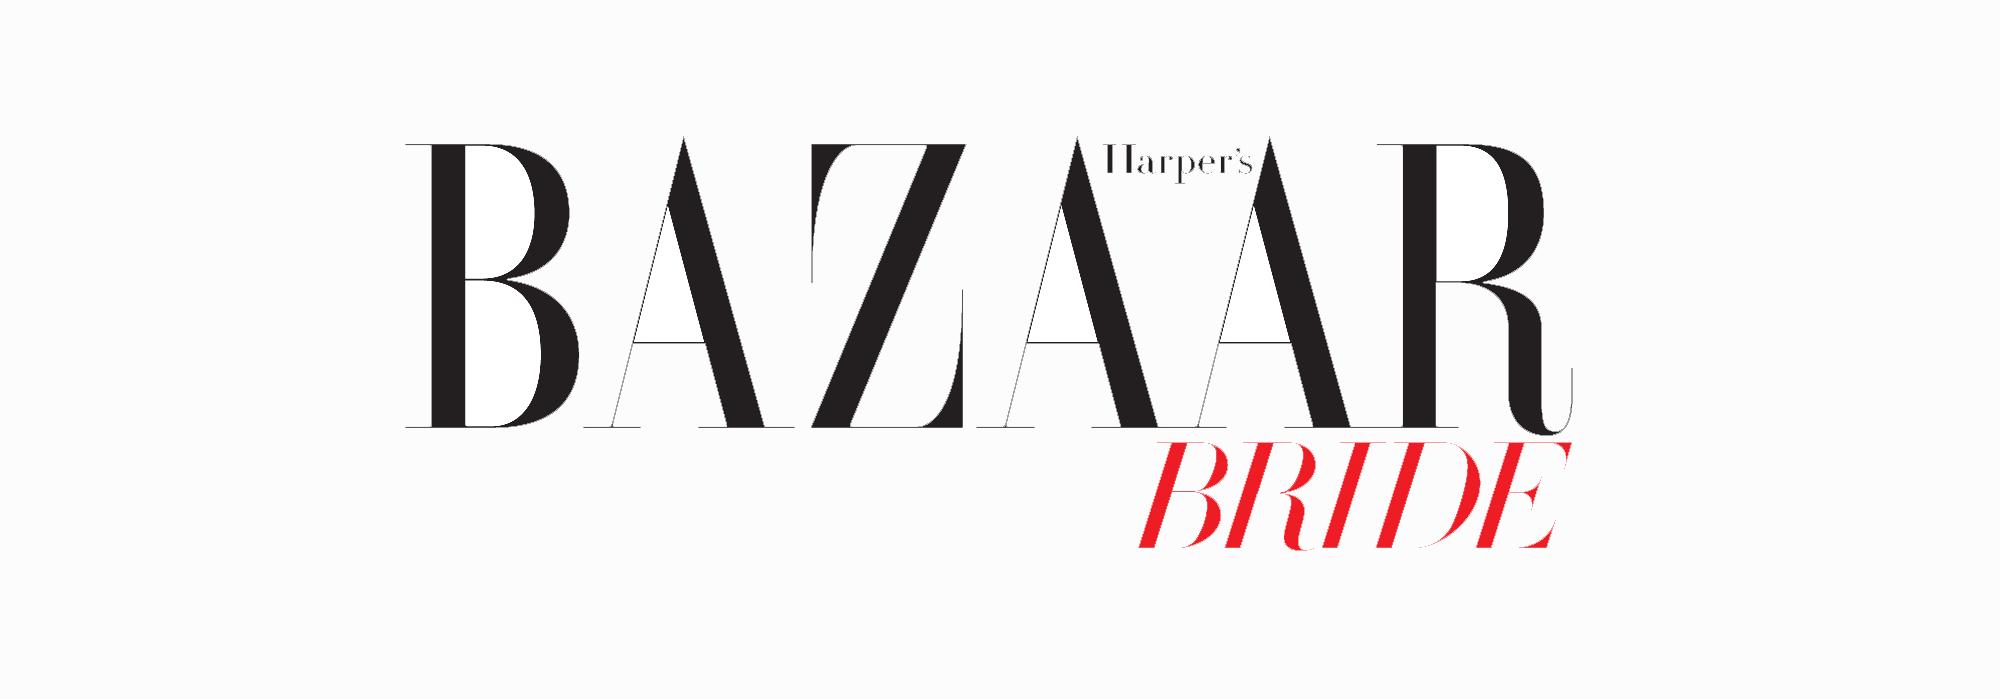 Harper Bazaar Bride.png